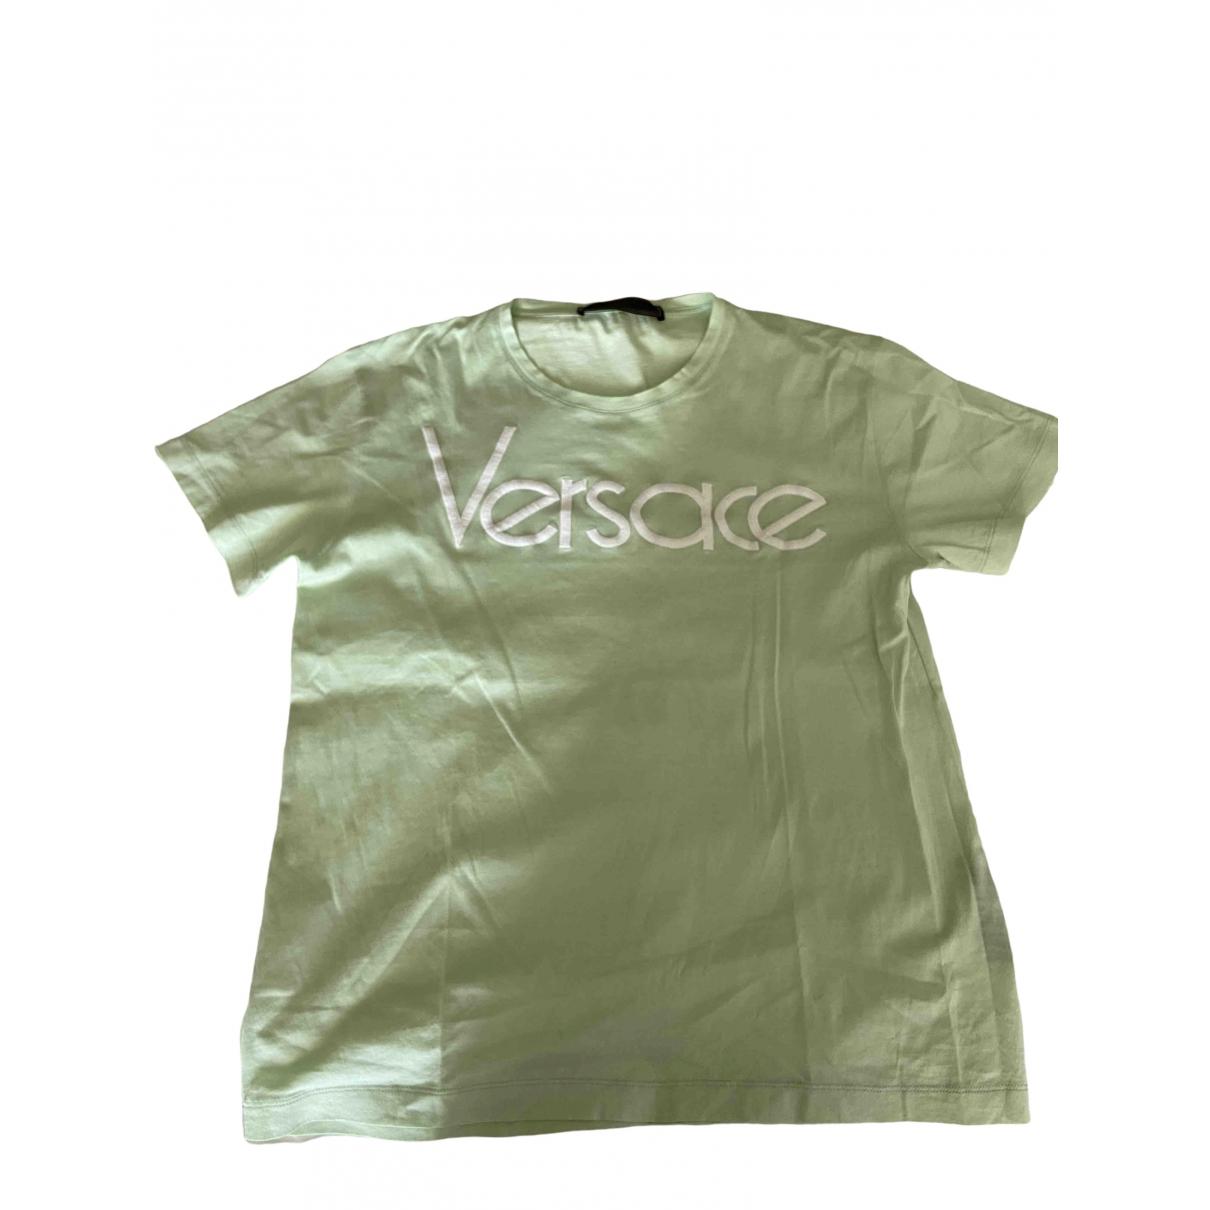 Versace - Top   pour femme en coton - vert